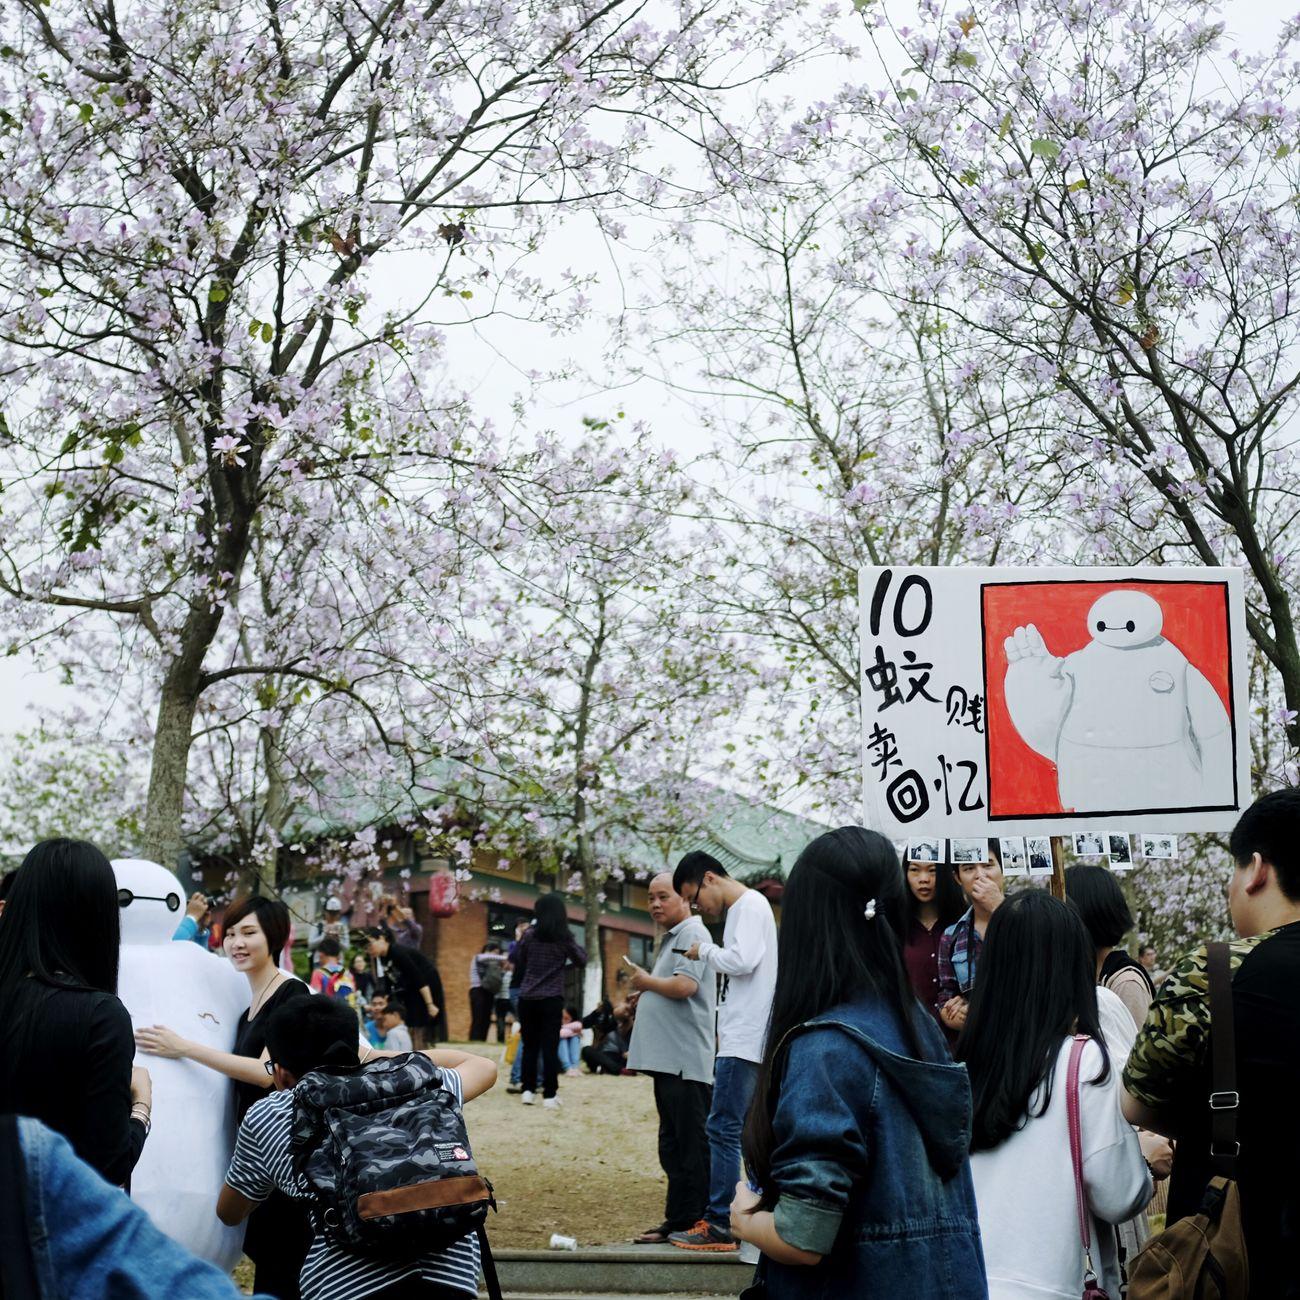 华农紫荆花节 Redbud Fujifilm FUJIFILM X100S Nature Baymax Flowers Spring 广州 紫荆花 富士 First Eyeem Photo